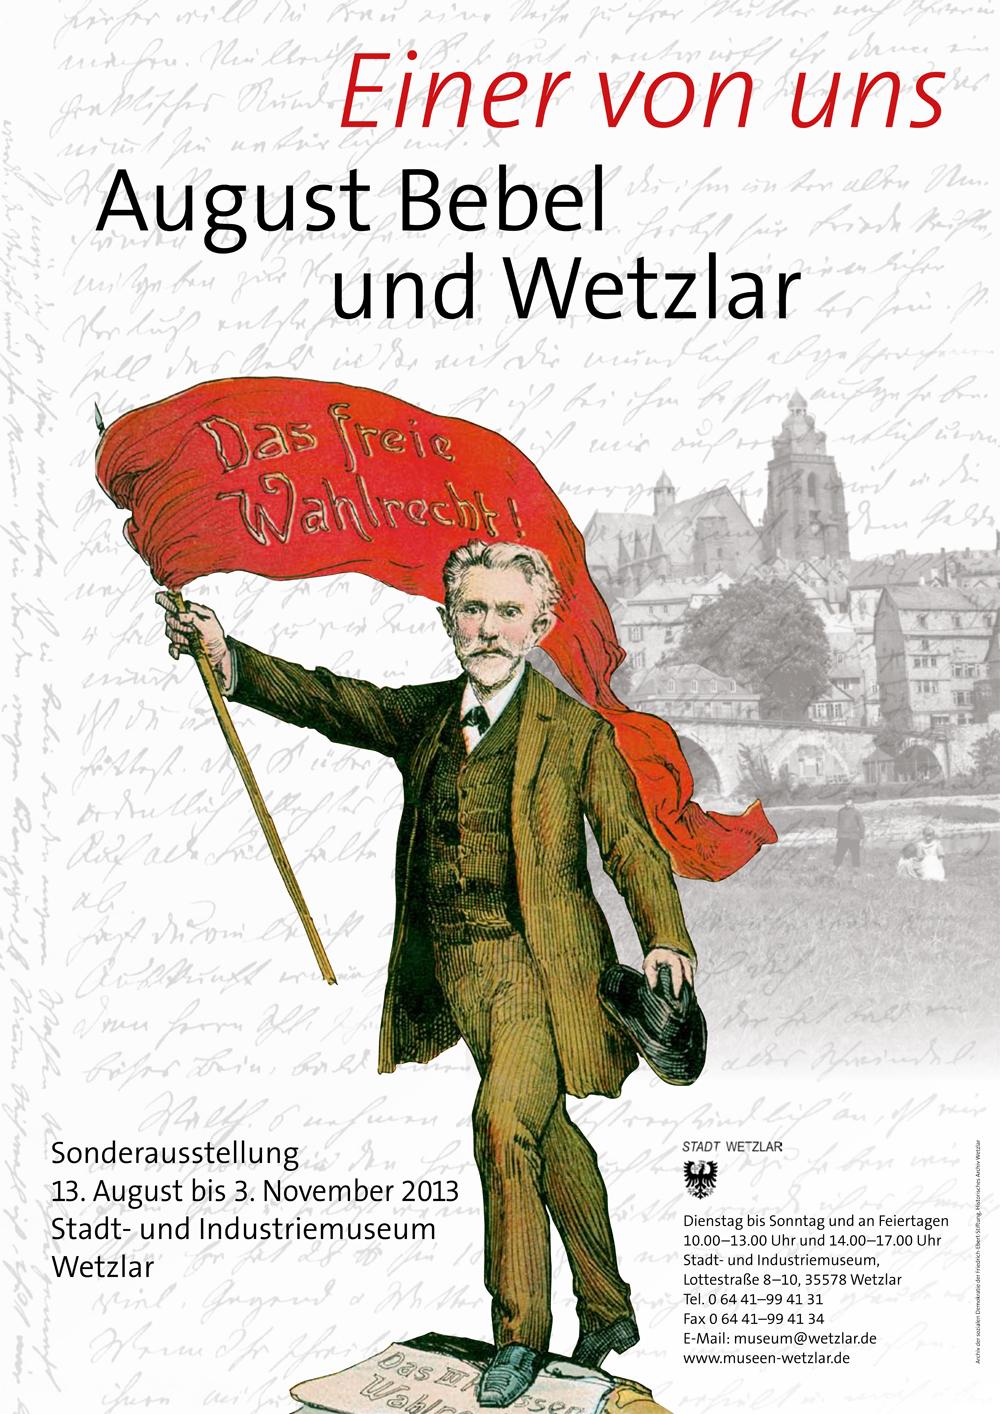 August Bebel und Wetzlar